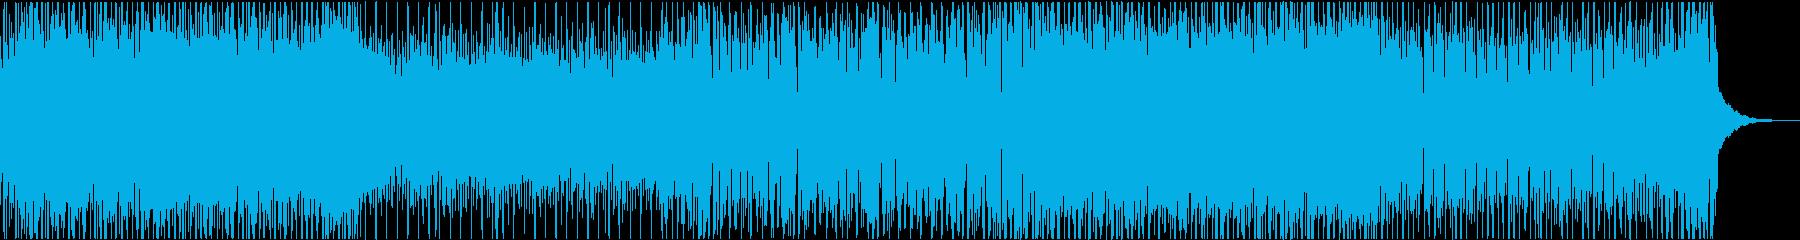 ラウンジ 都会 軽快 ハウス ジャズの再生済みの波形